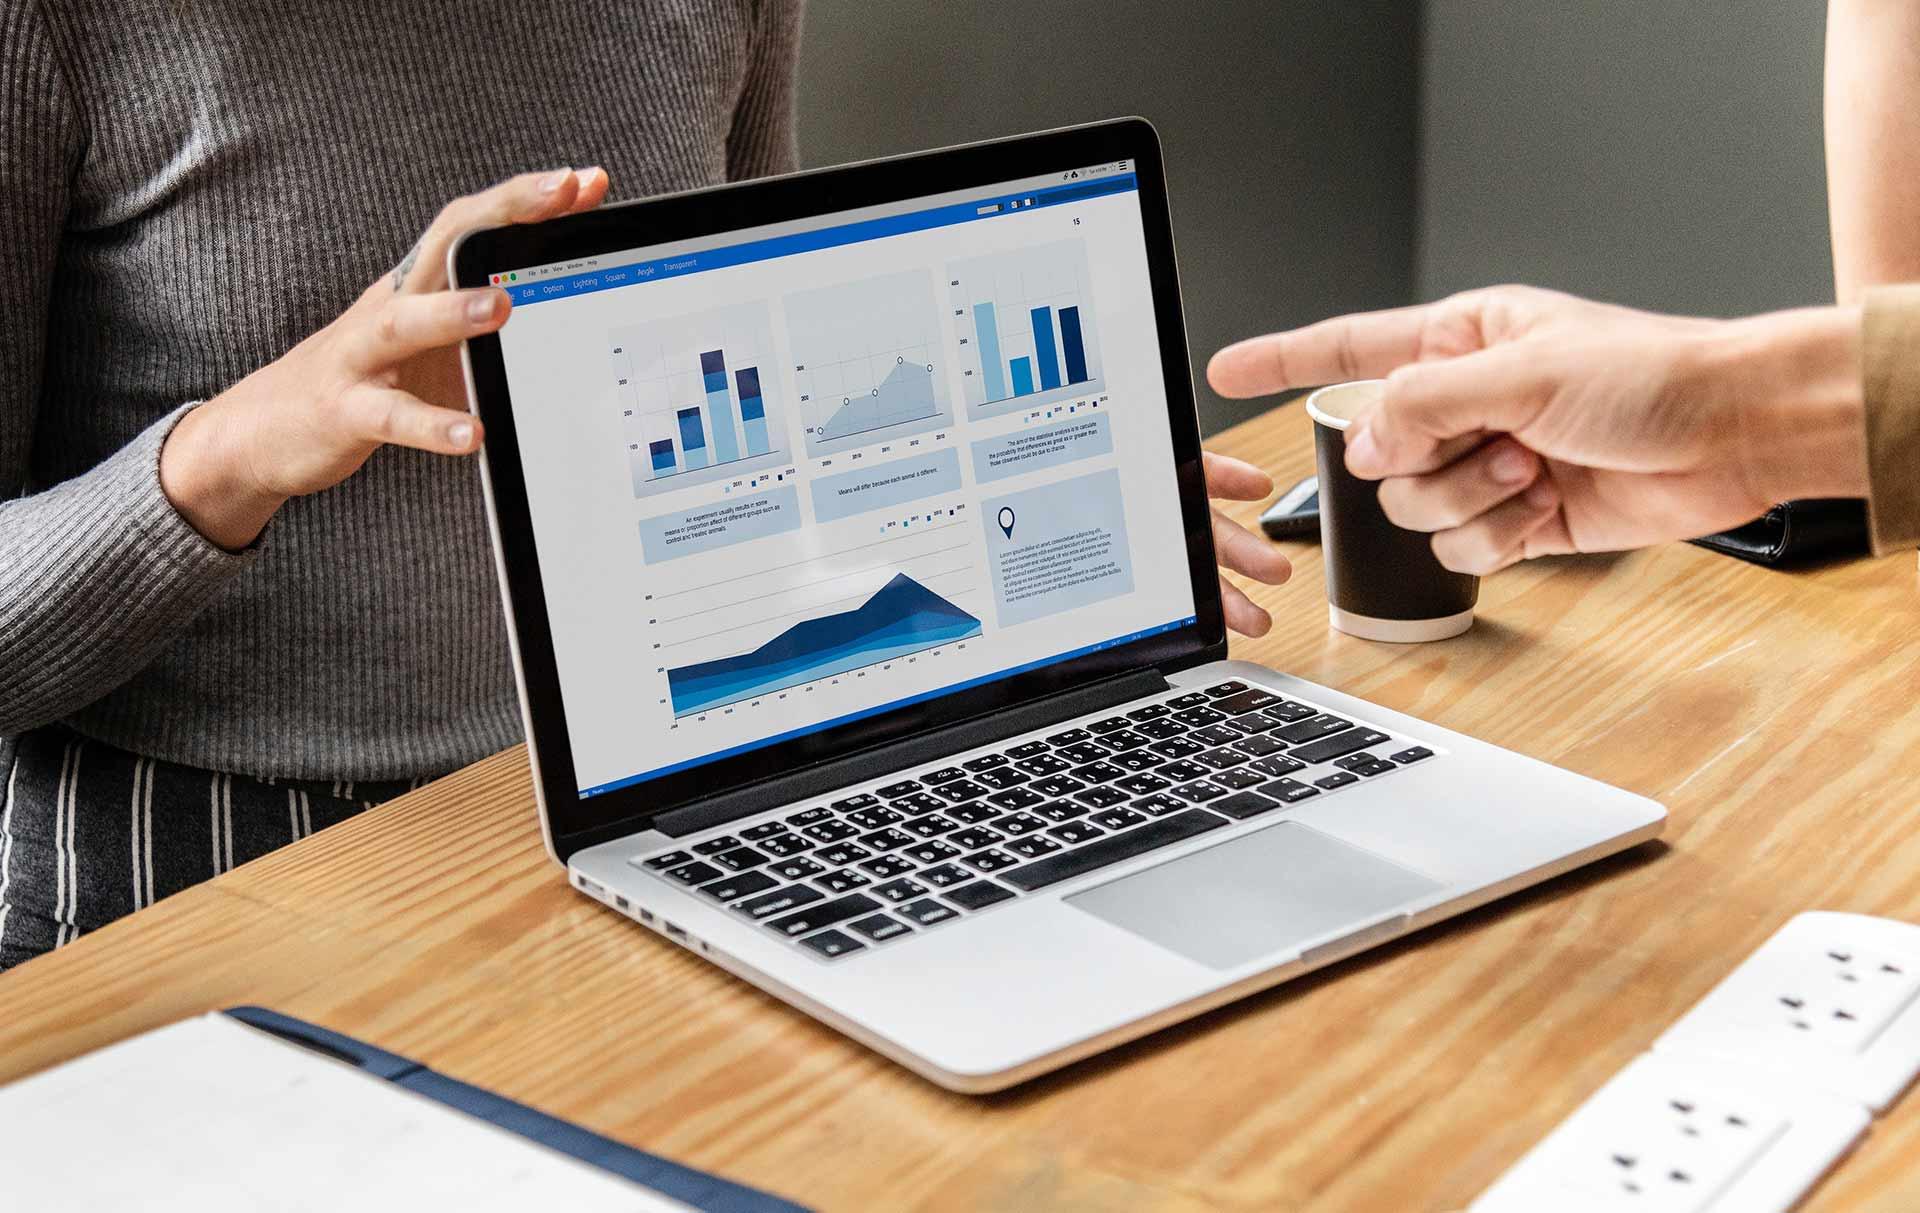 Вебинар: Внедрение CRM как современная тенденция бизнеса